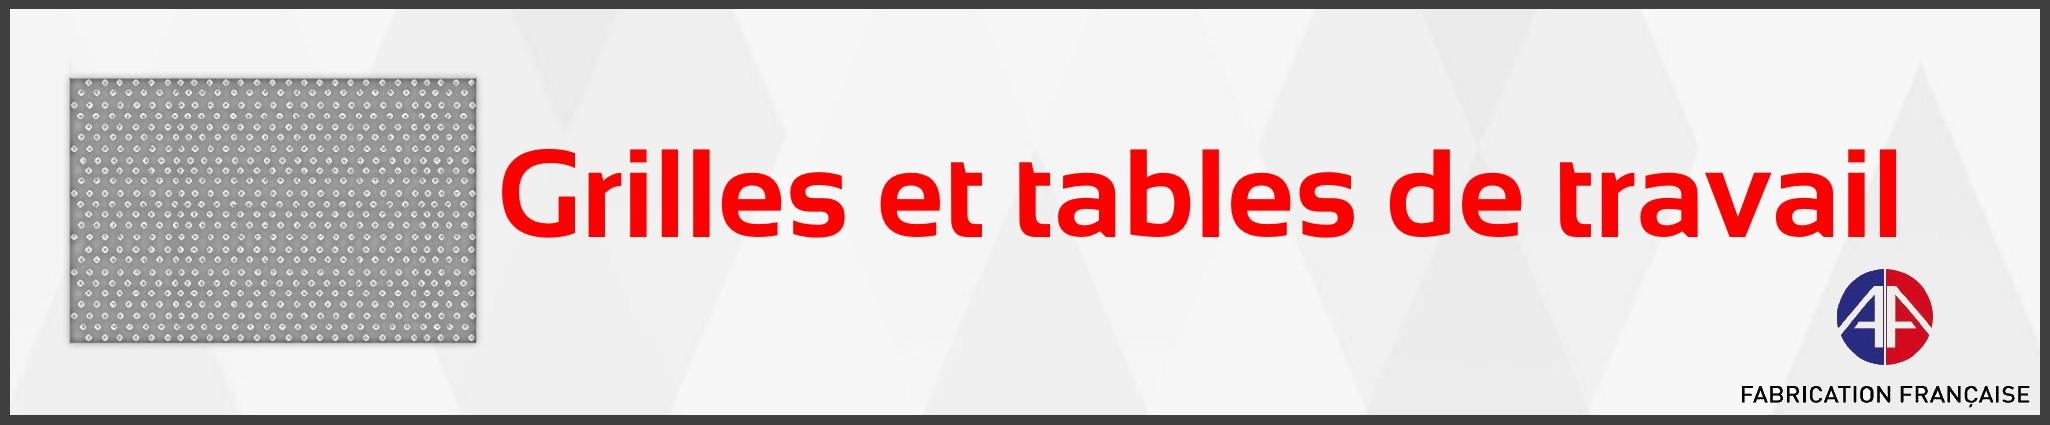 Grilles et tables de travail intérieures